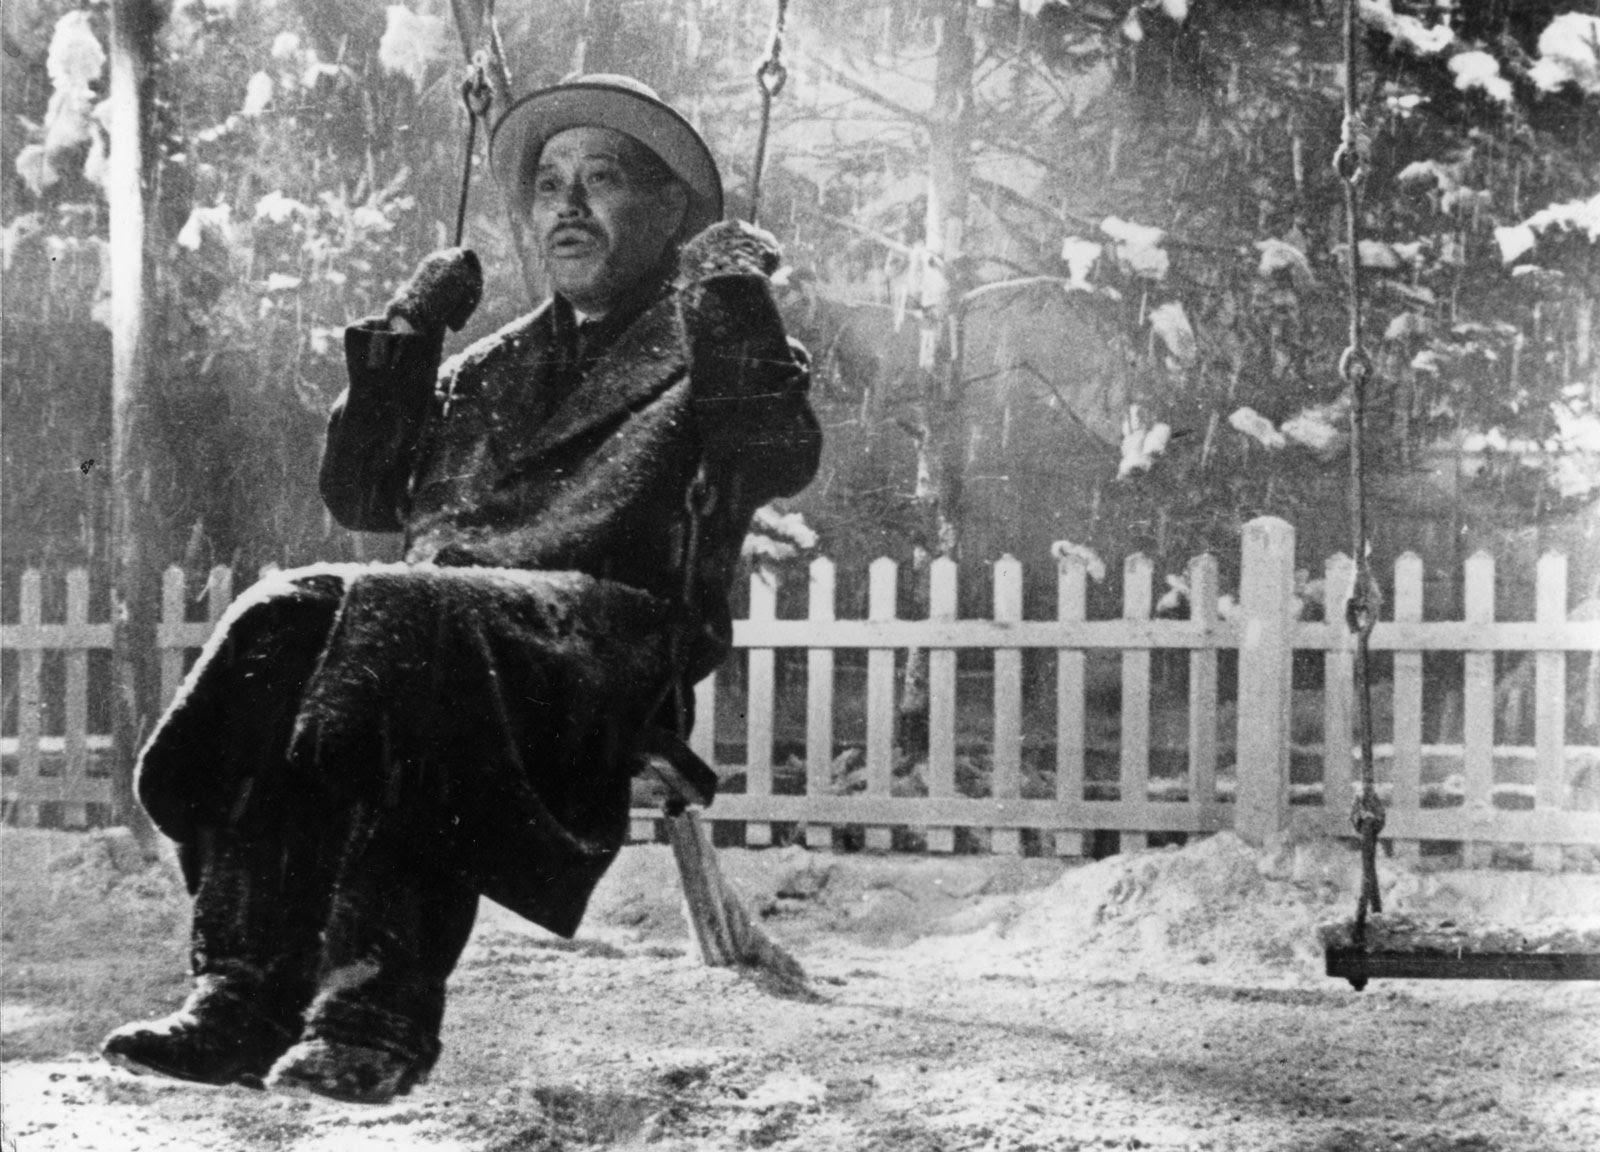 Takashi Shimura as Kanji Watanabe in Akira Kurosawa's Ikiru, 1952